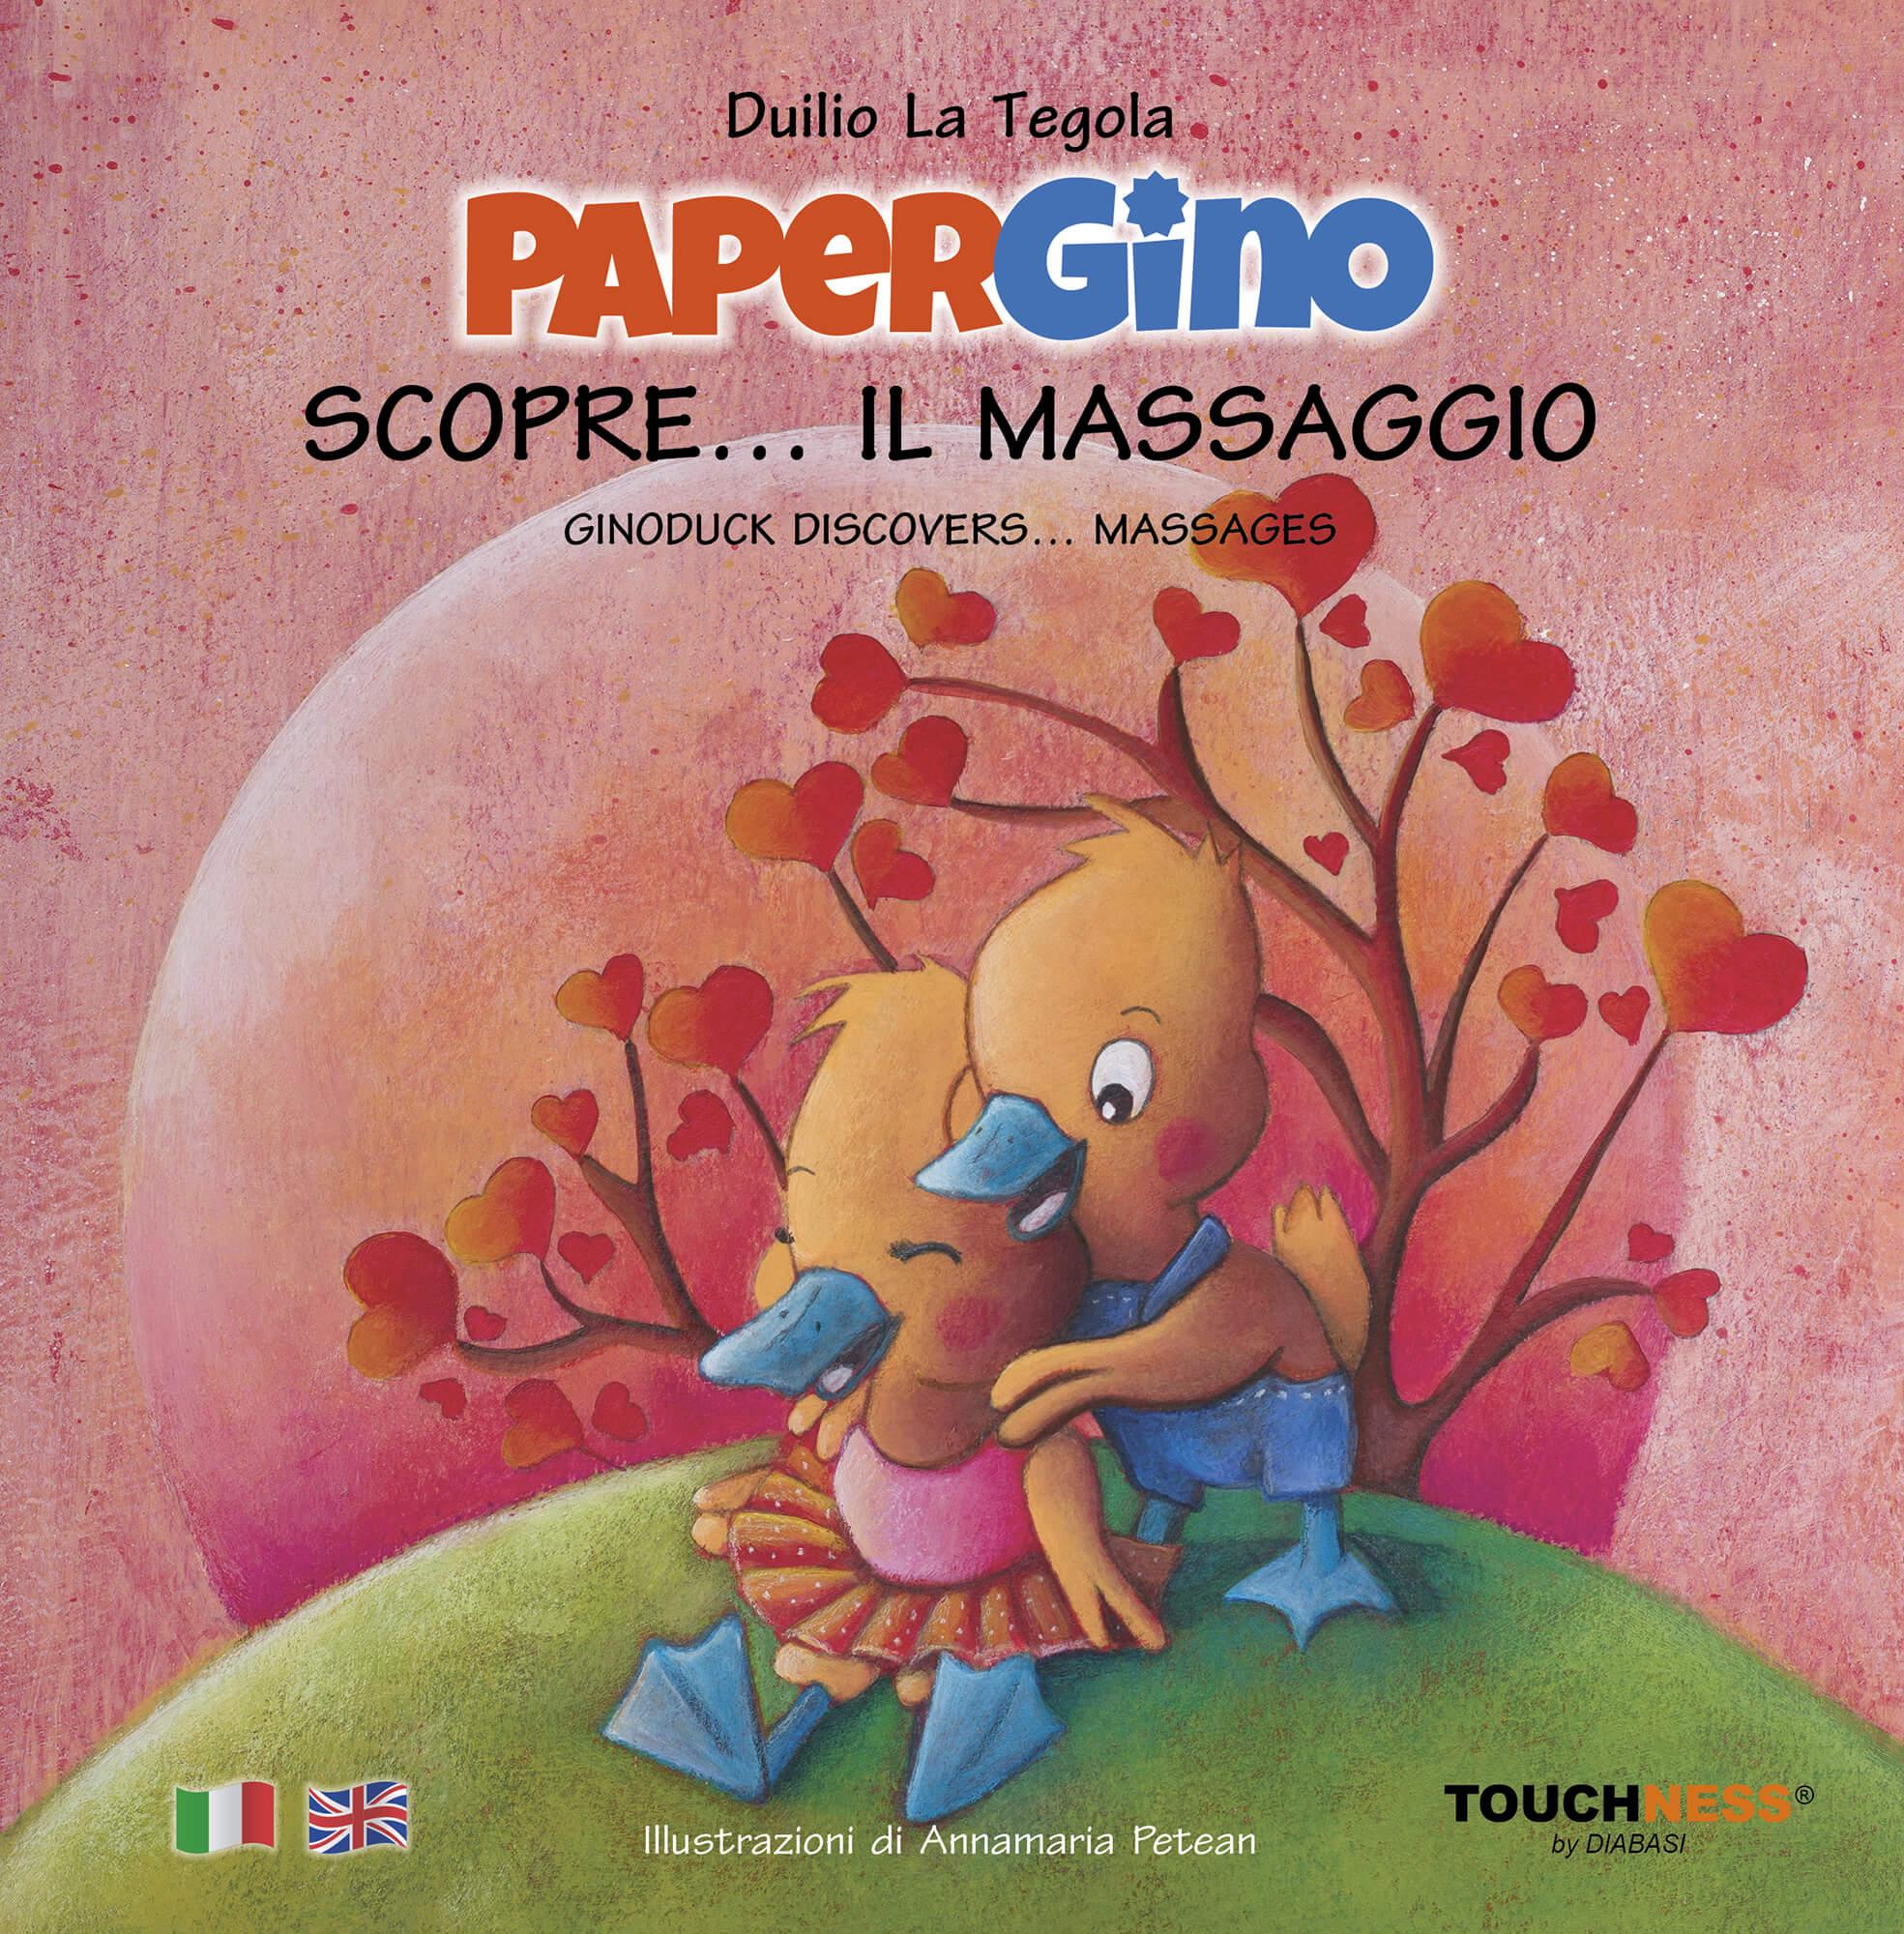 Duilio La Tegola - Papergino scopre...il Massaggio